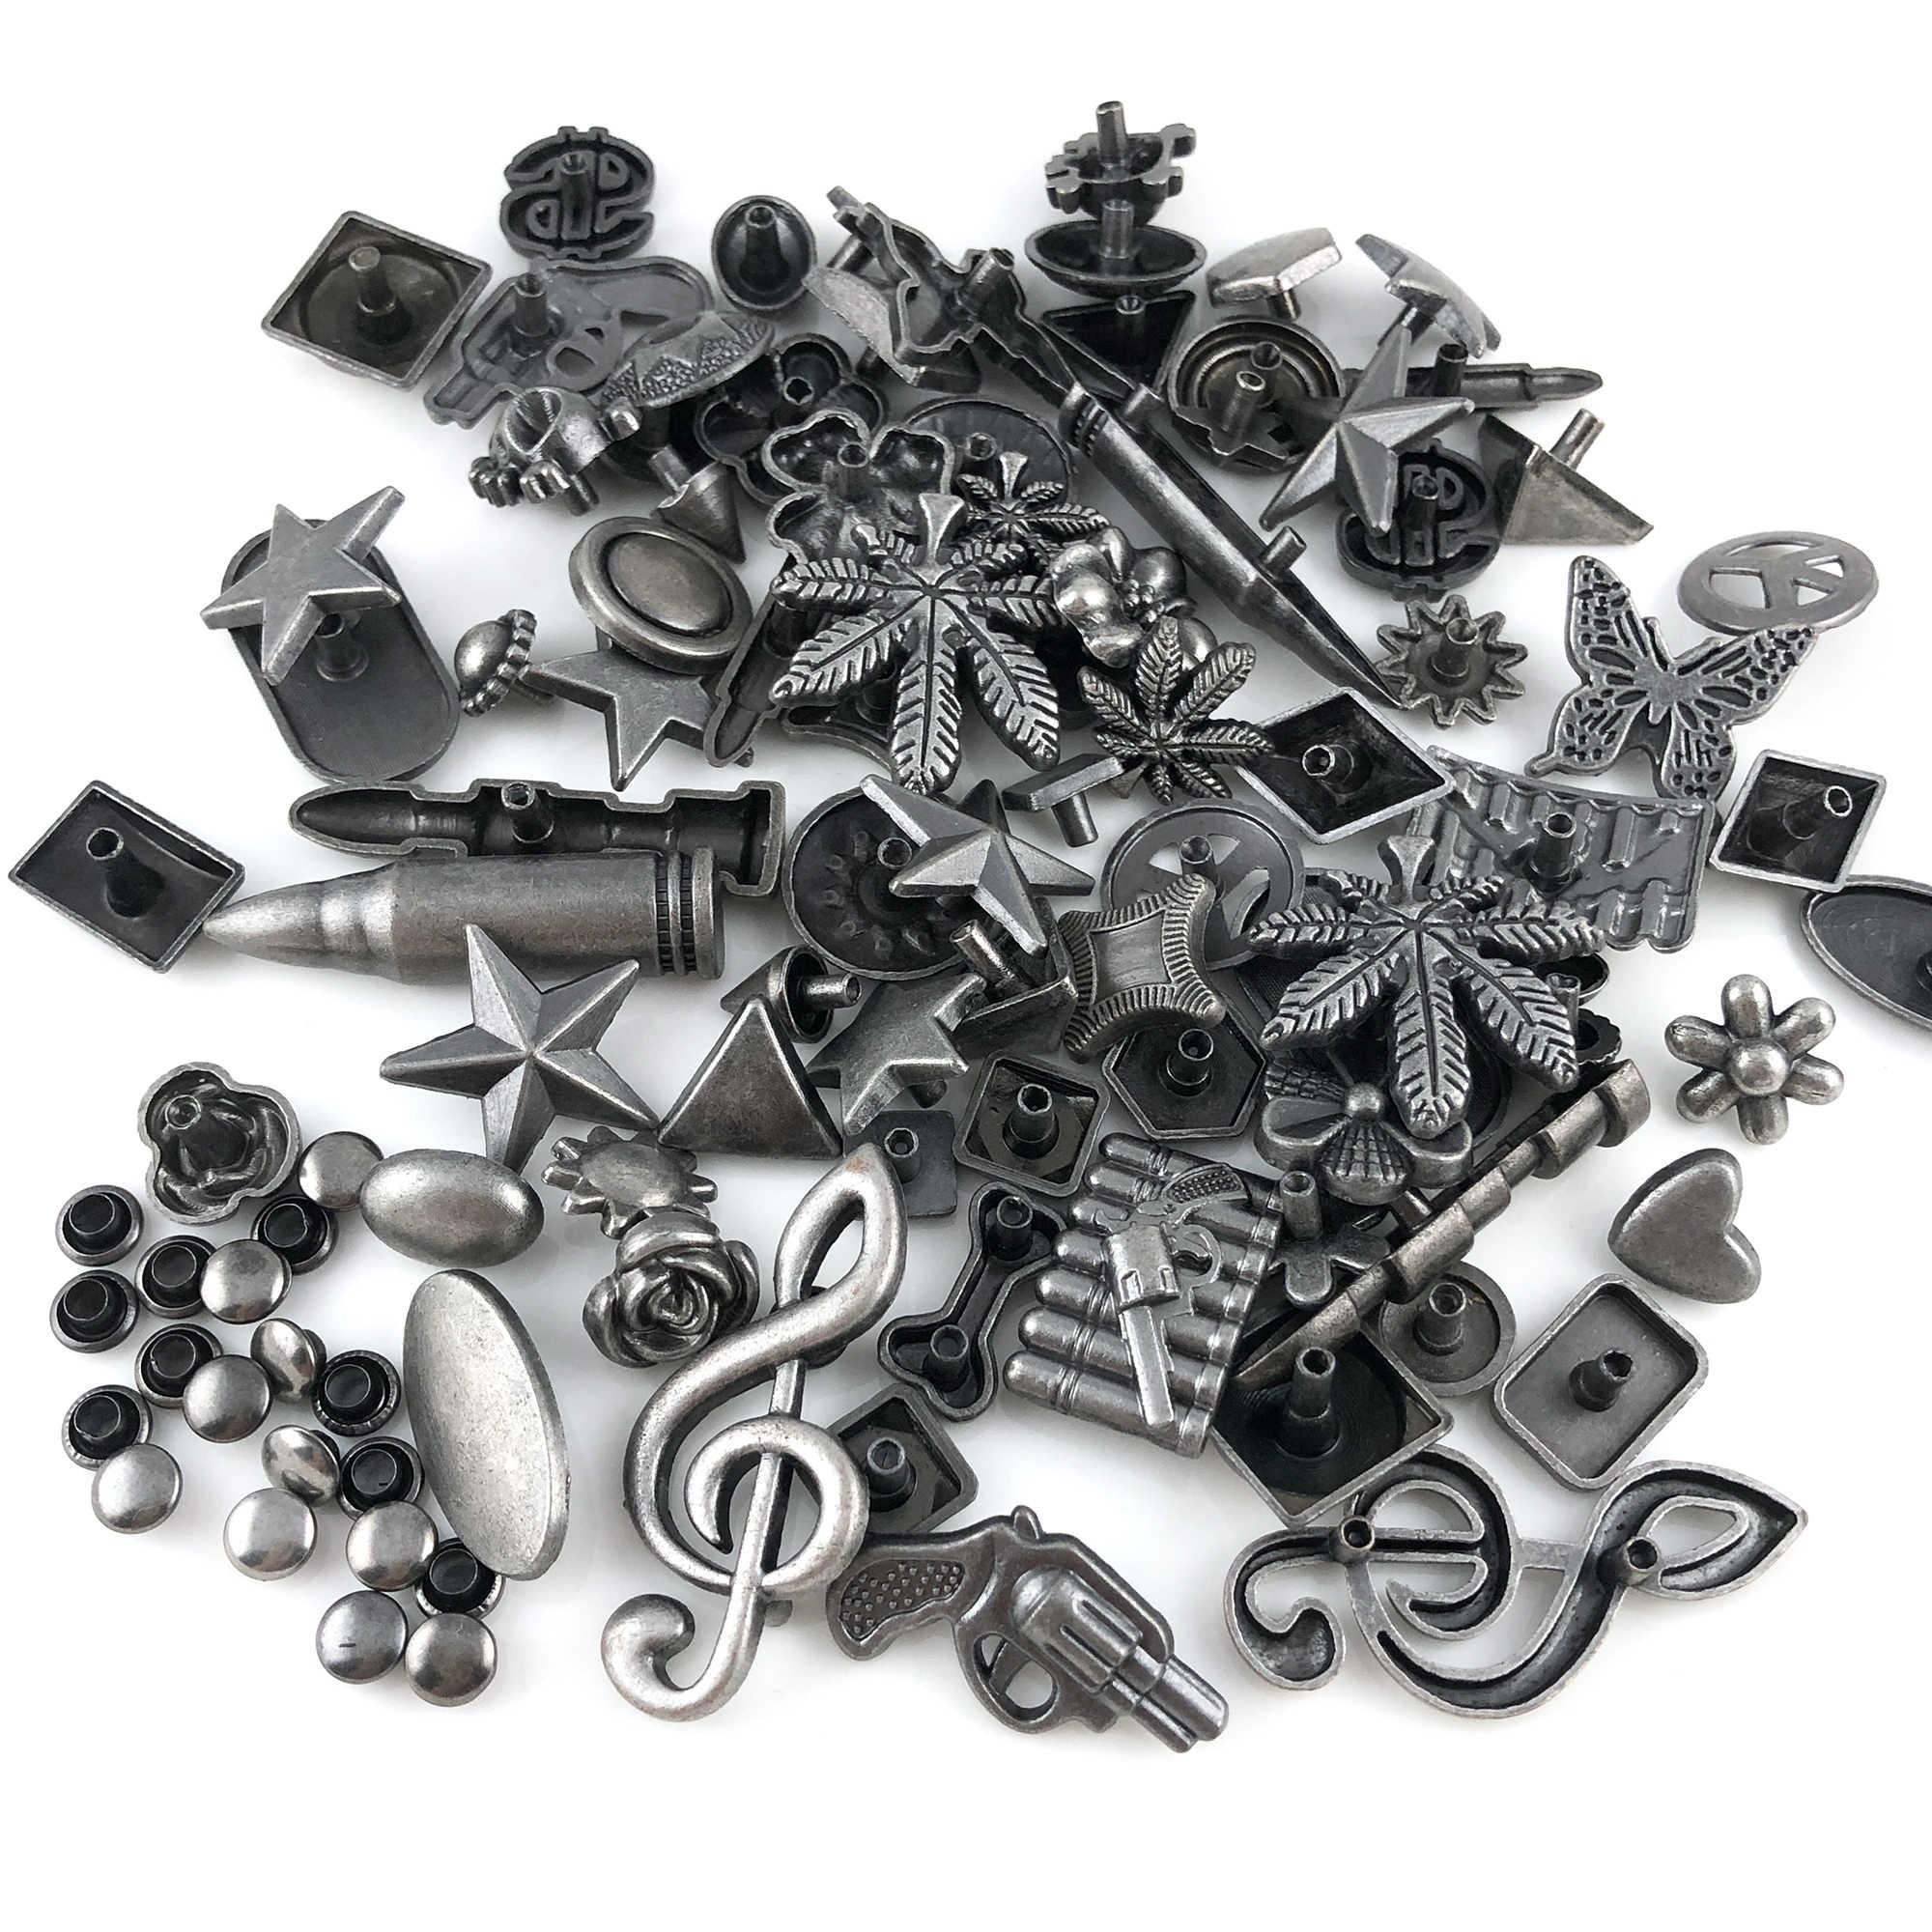 Gemengde Antiek Zilver Plated Studs Punk Rivet Studs Leren Craft Accessoires Fit Voor Riemen Schoenen Tassen Diy Maken Verkopen Door gewicht